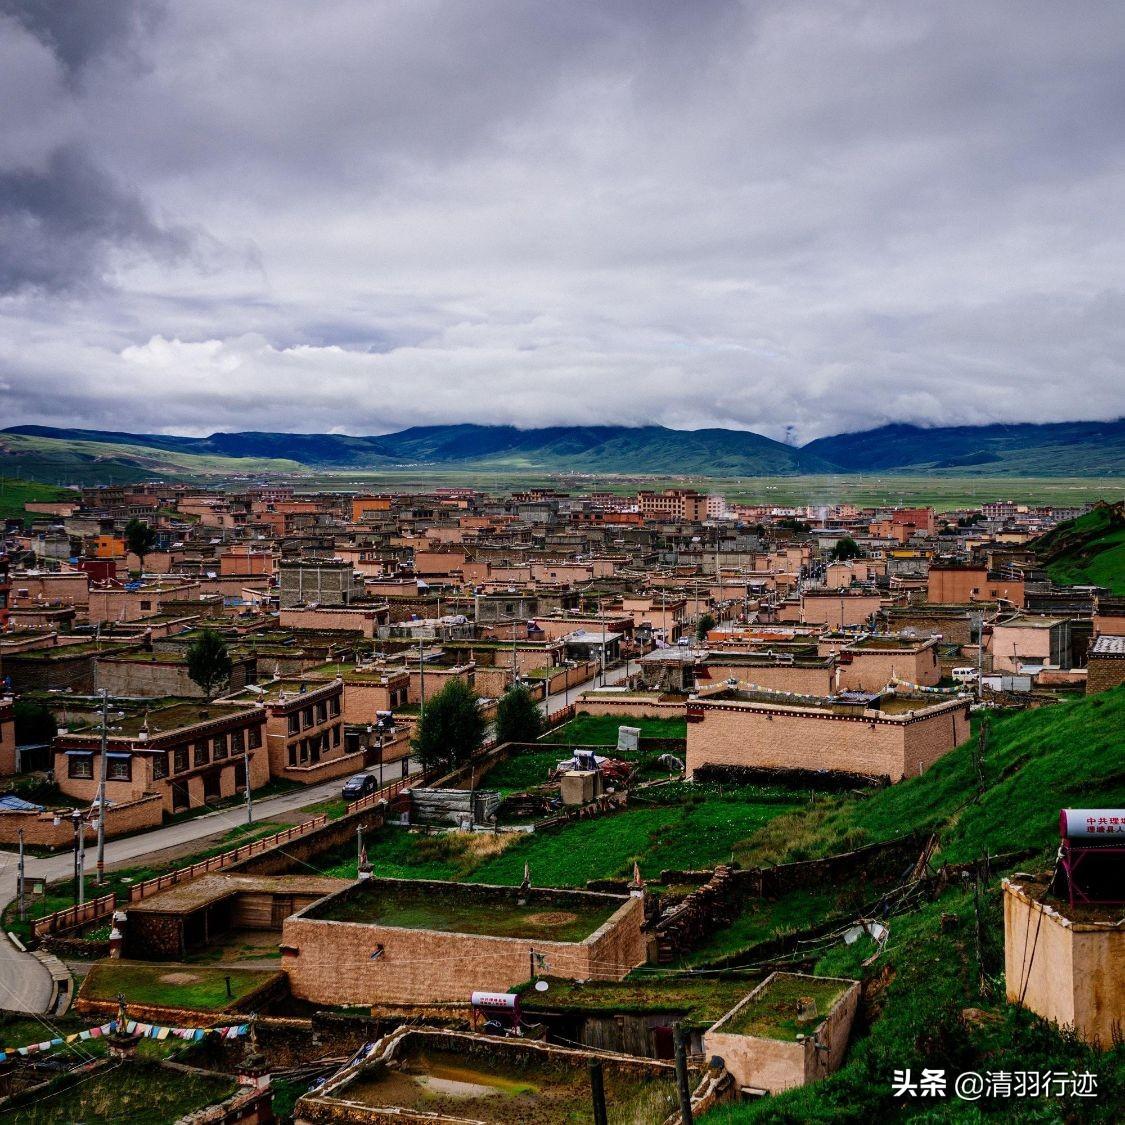 丁真的家园有多美?比拉萨还高的国际高城,离成都654公里